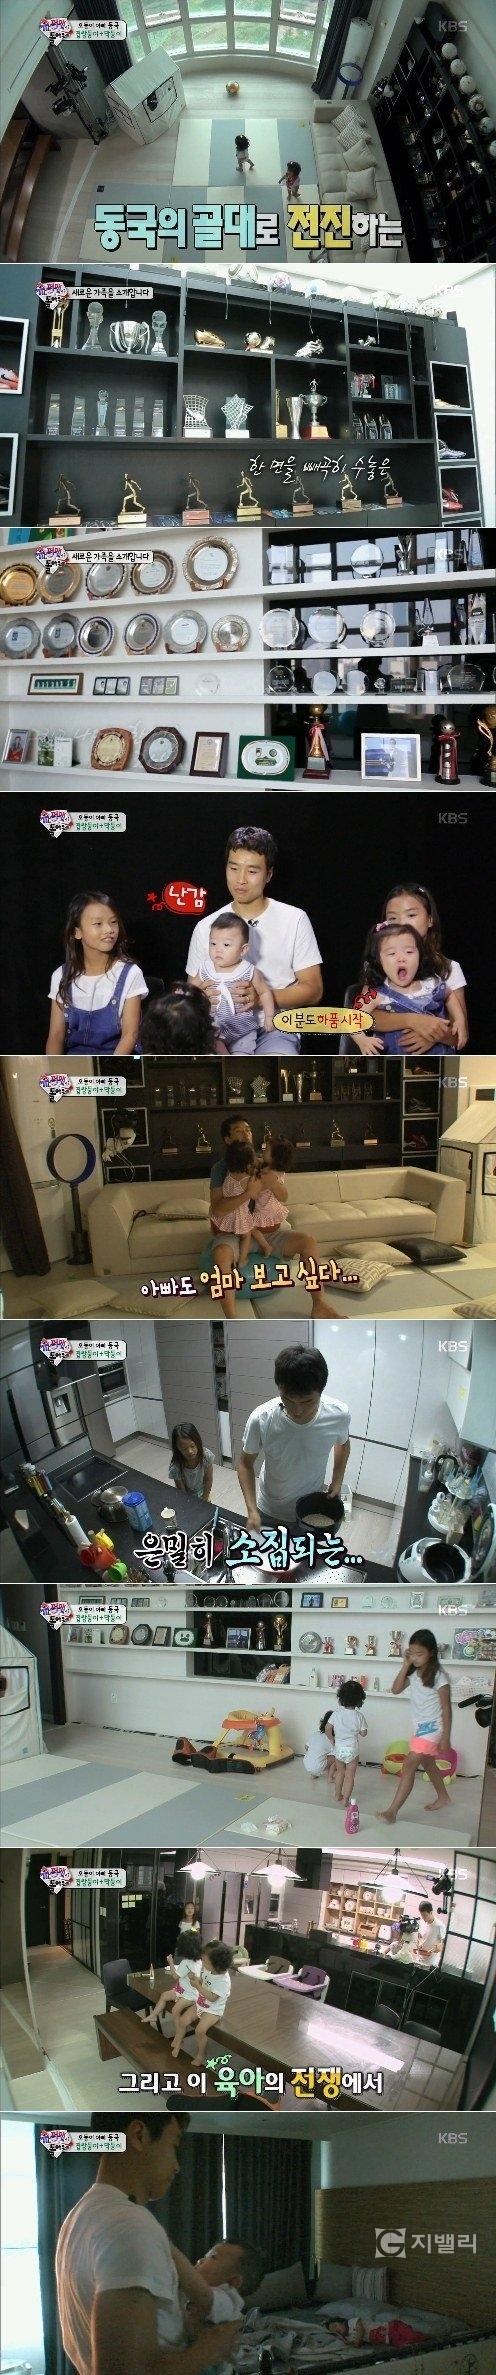 이동국 집공개, 오둥이 육아에 걸맞는 운동장만한 거실